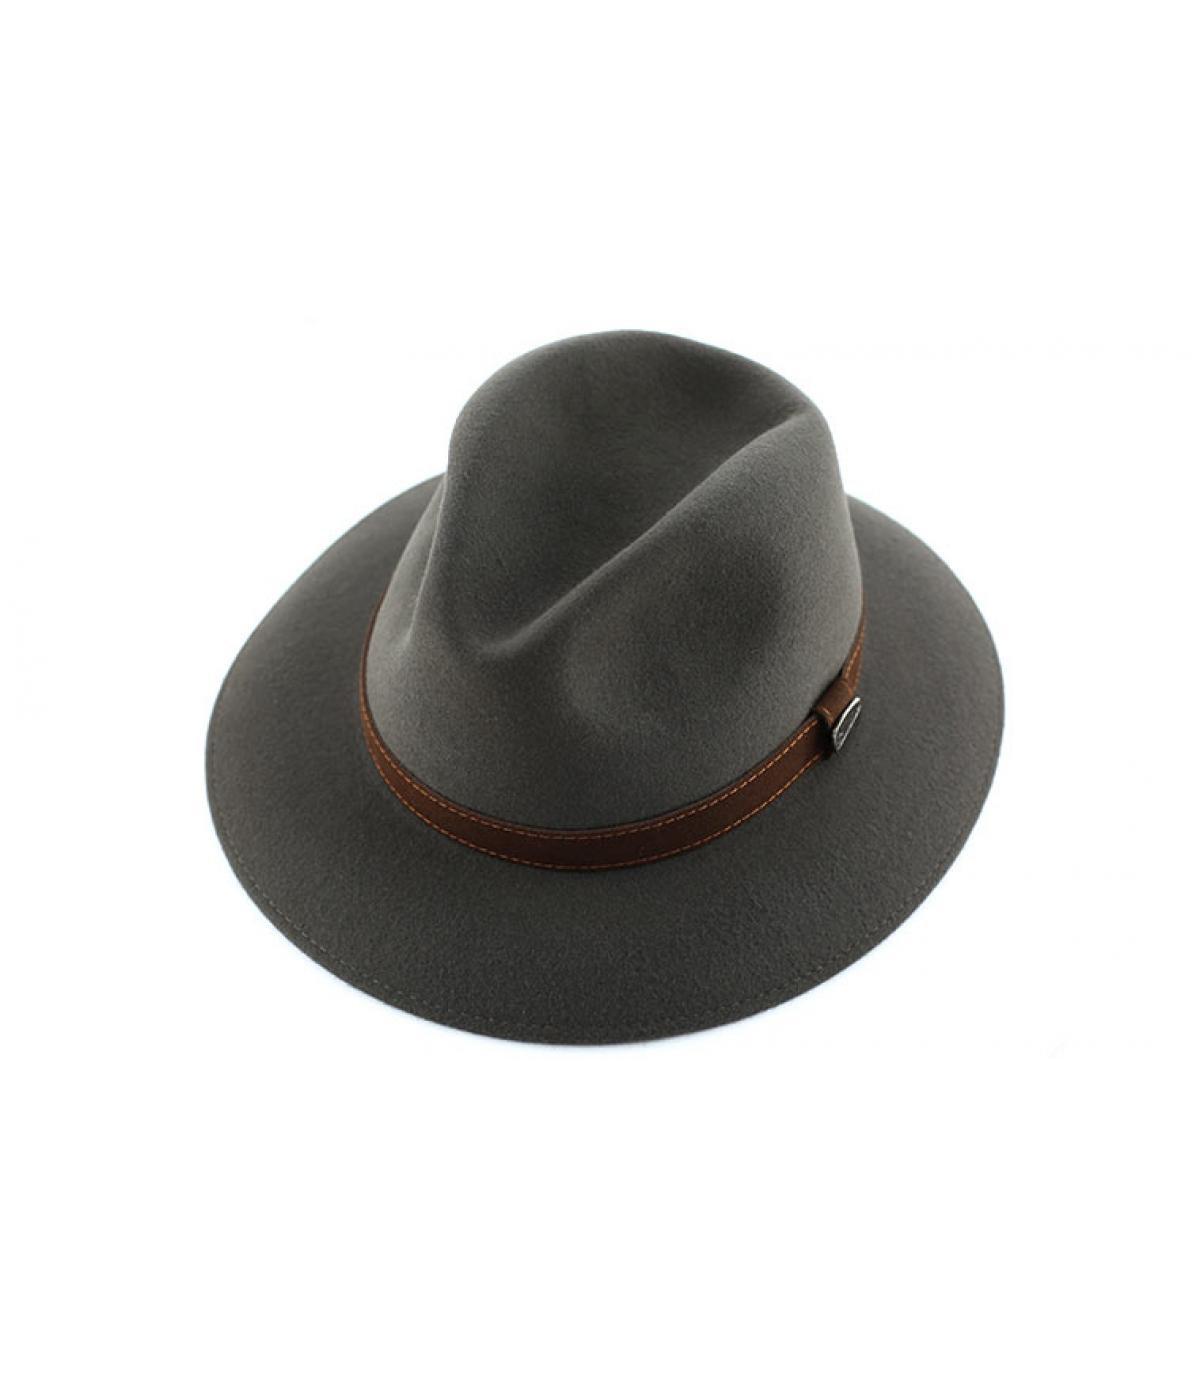 Détails Alessandria grey fur felt hat - image 3